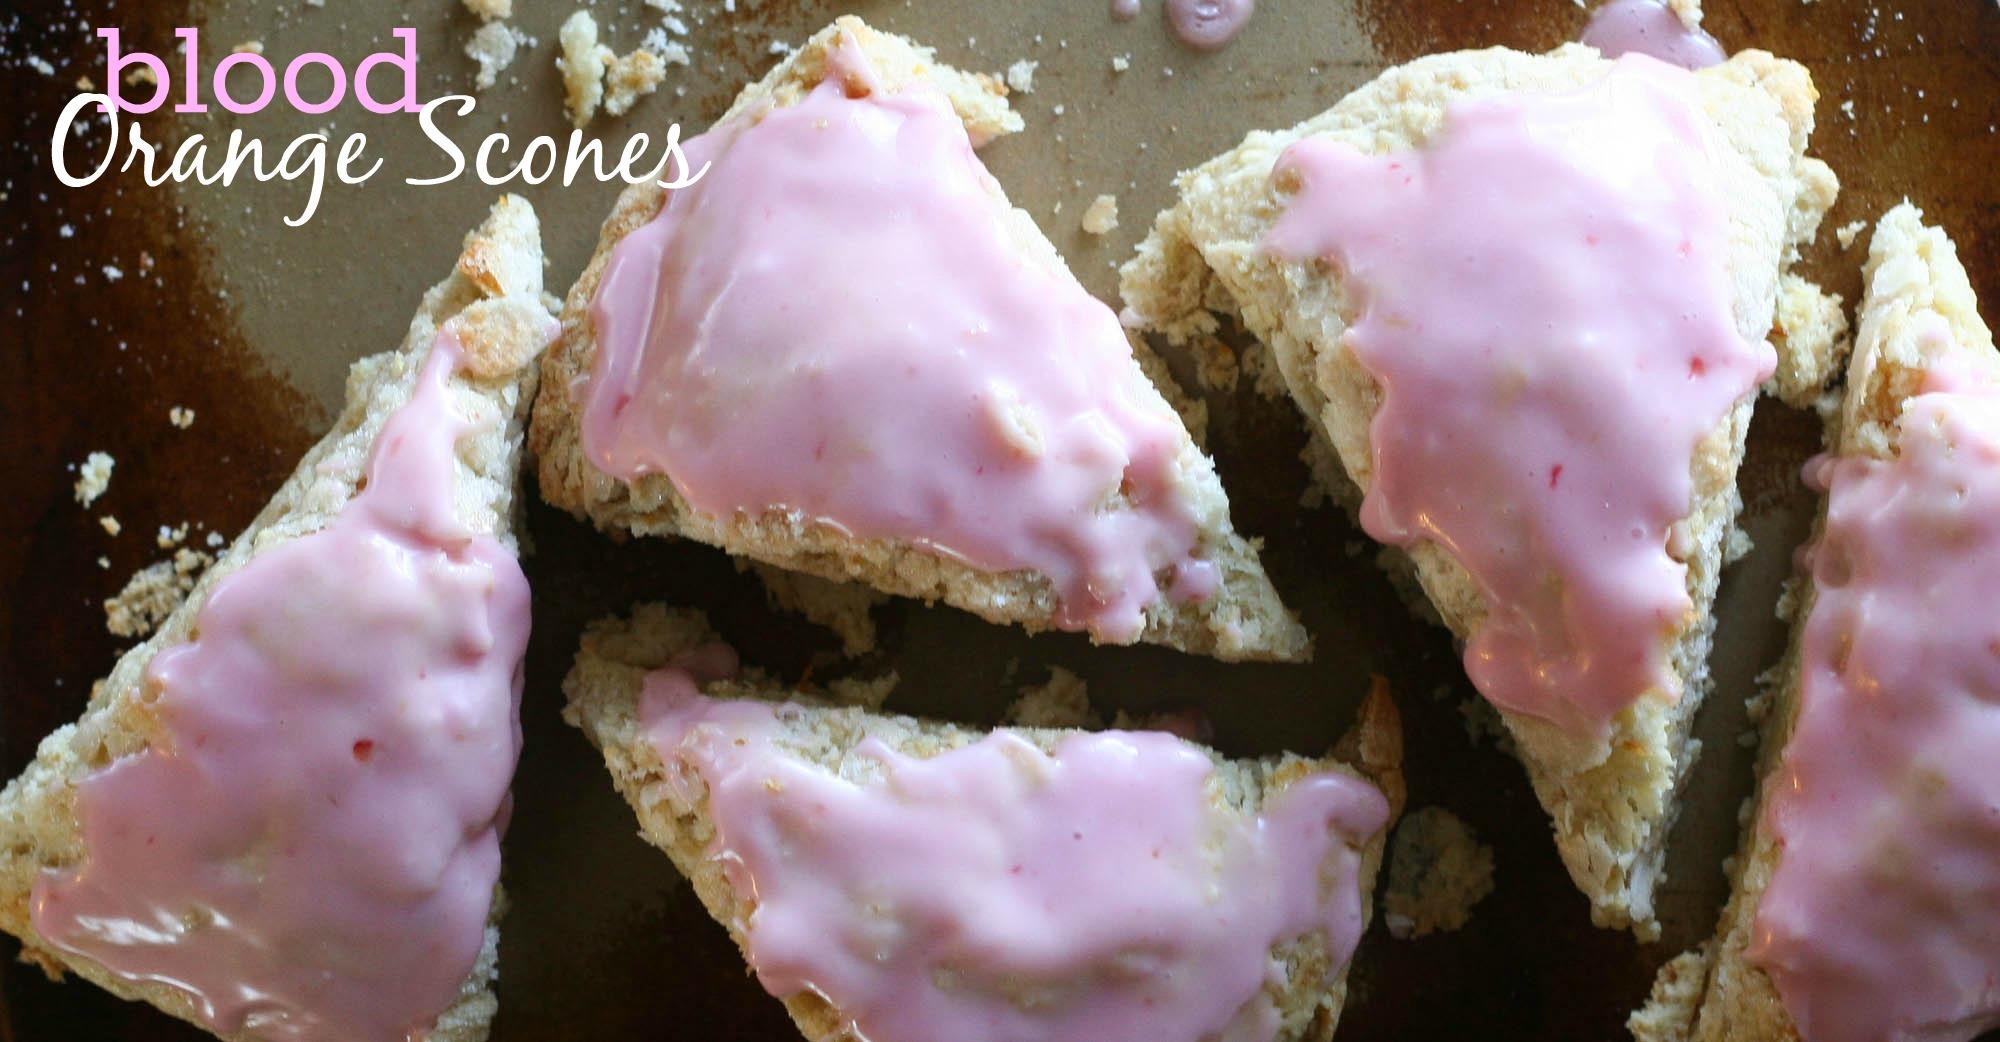 blood-orange-scones-featured-2b